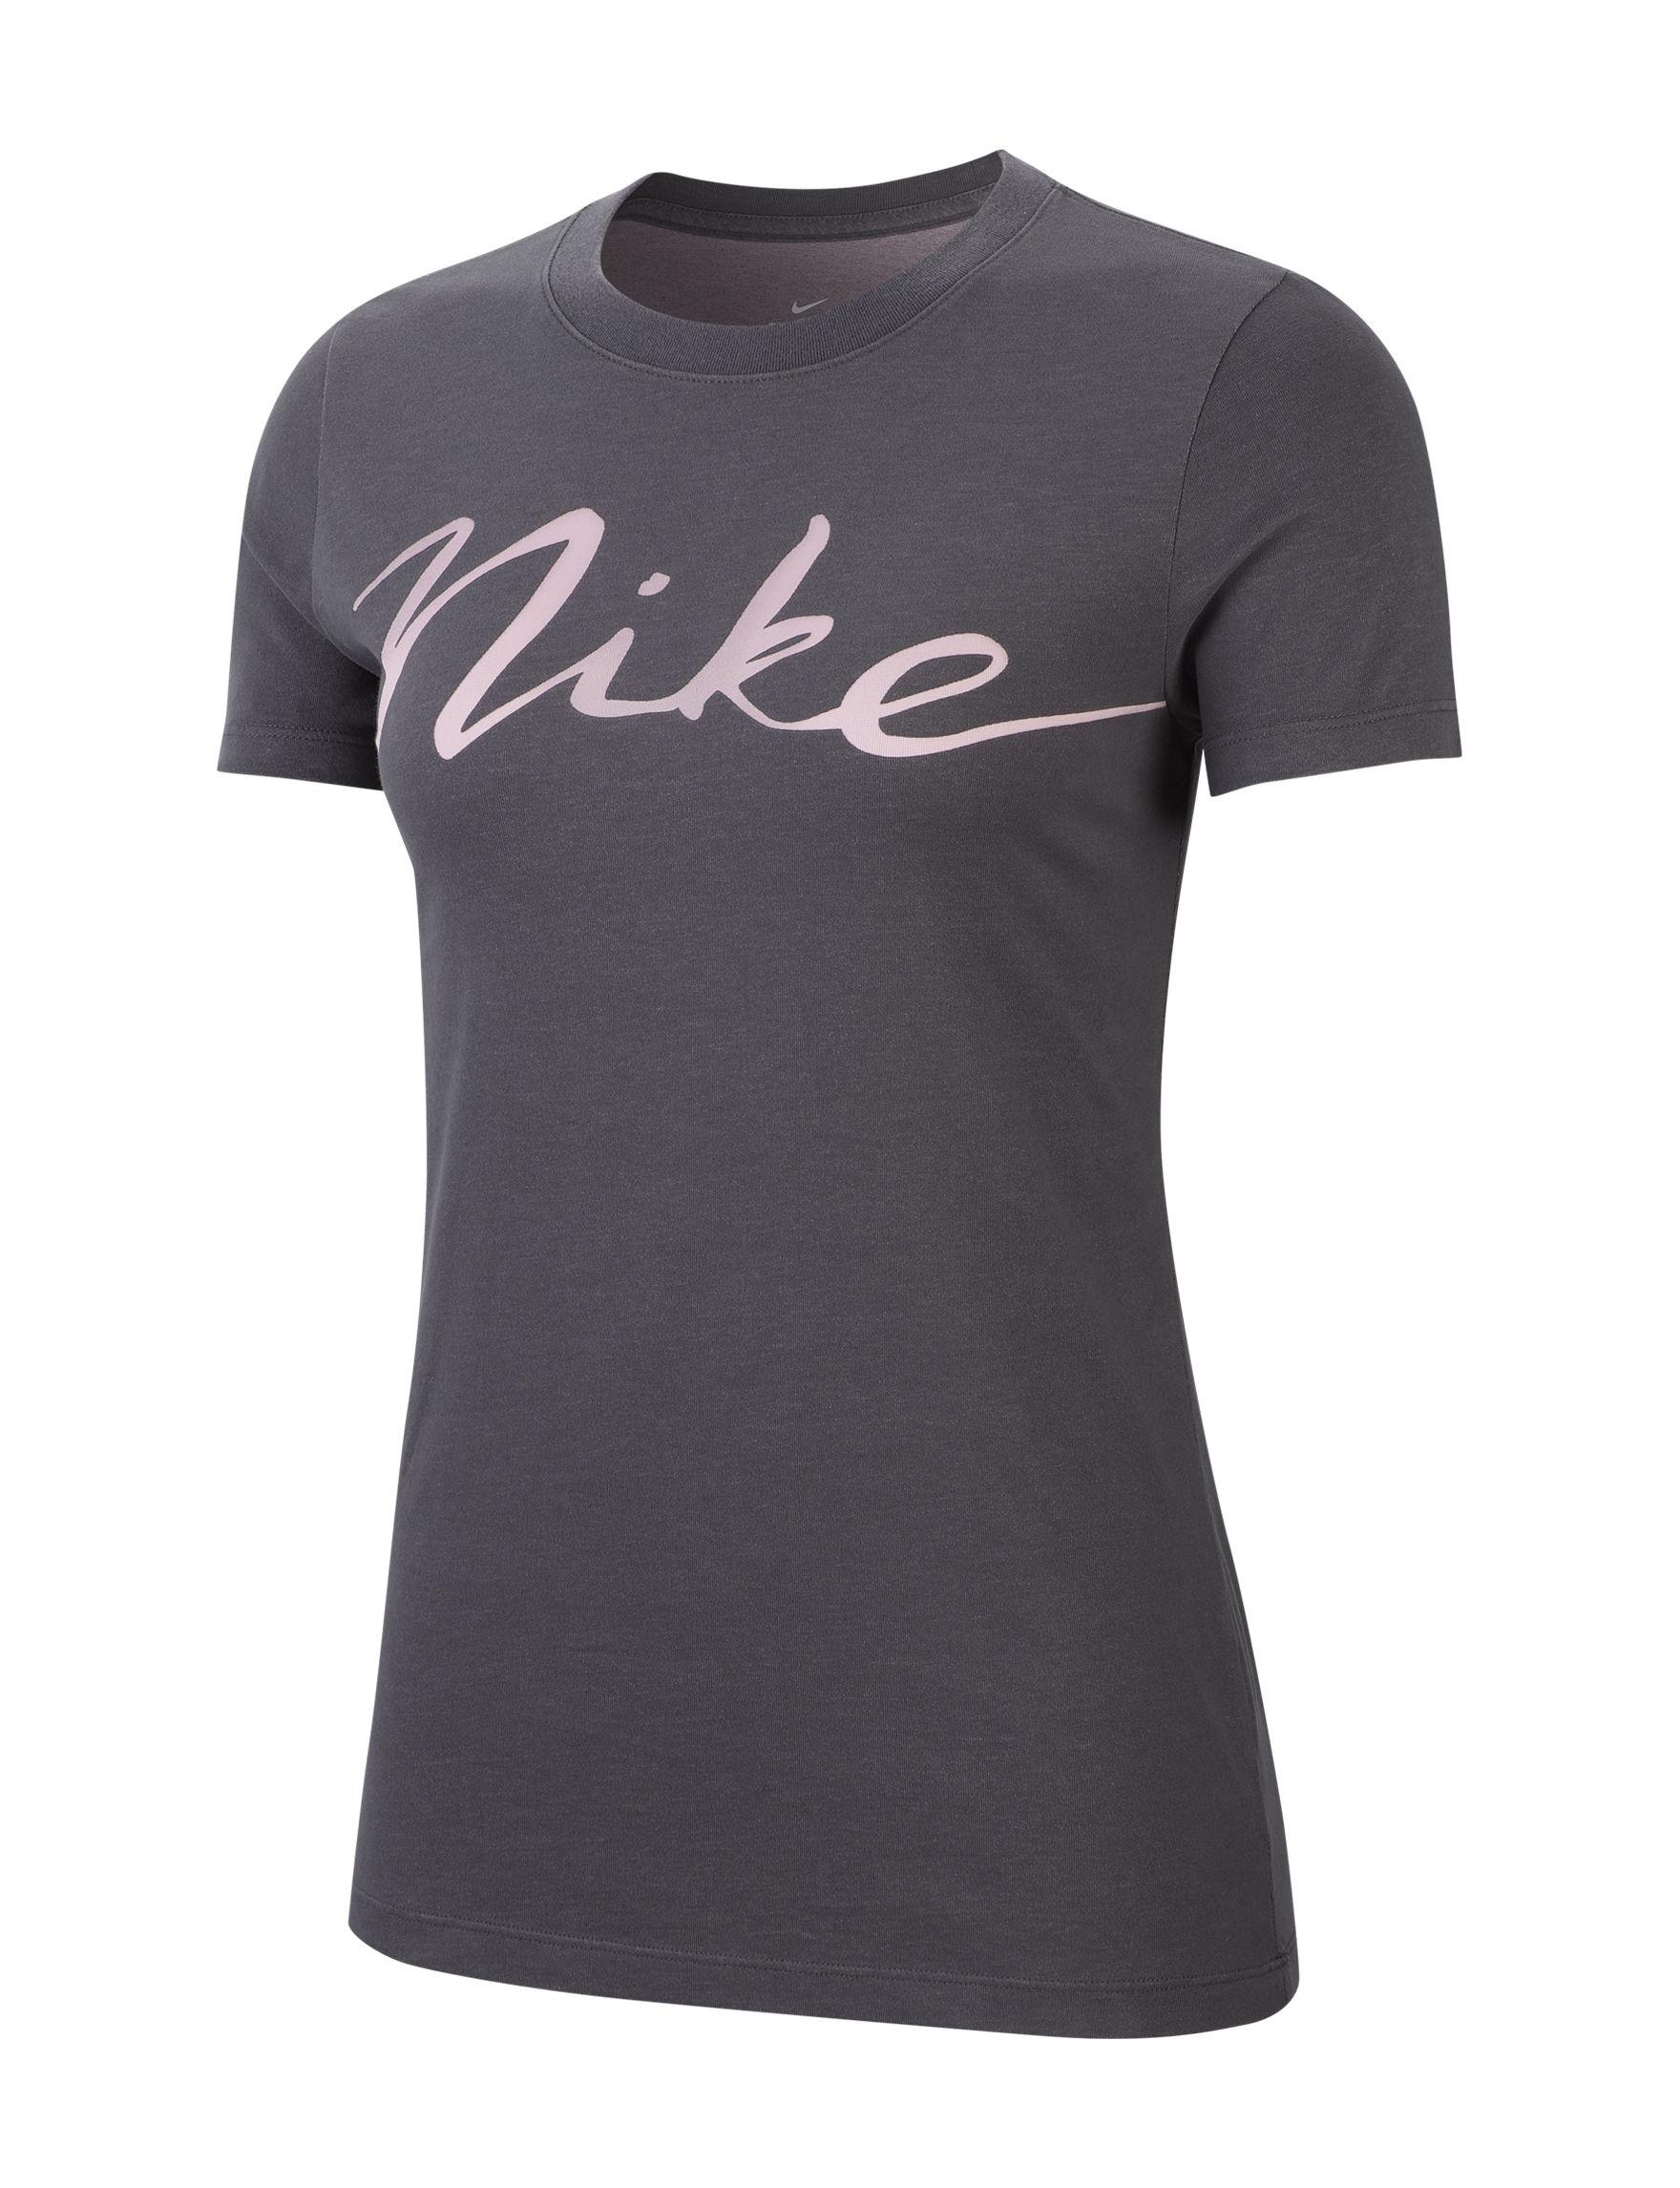 Nike Charcoal Tees & Tanks